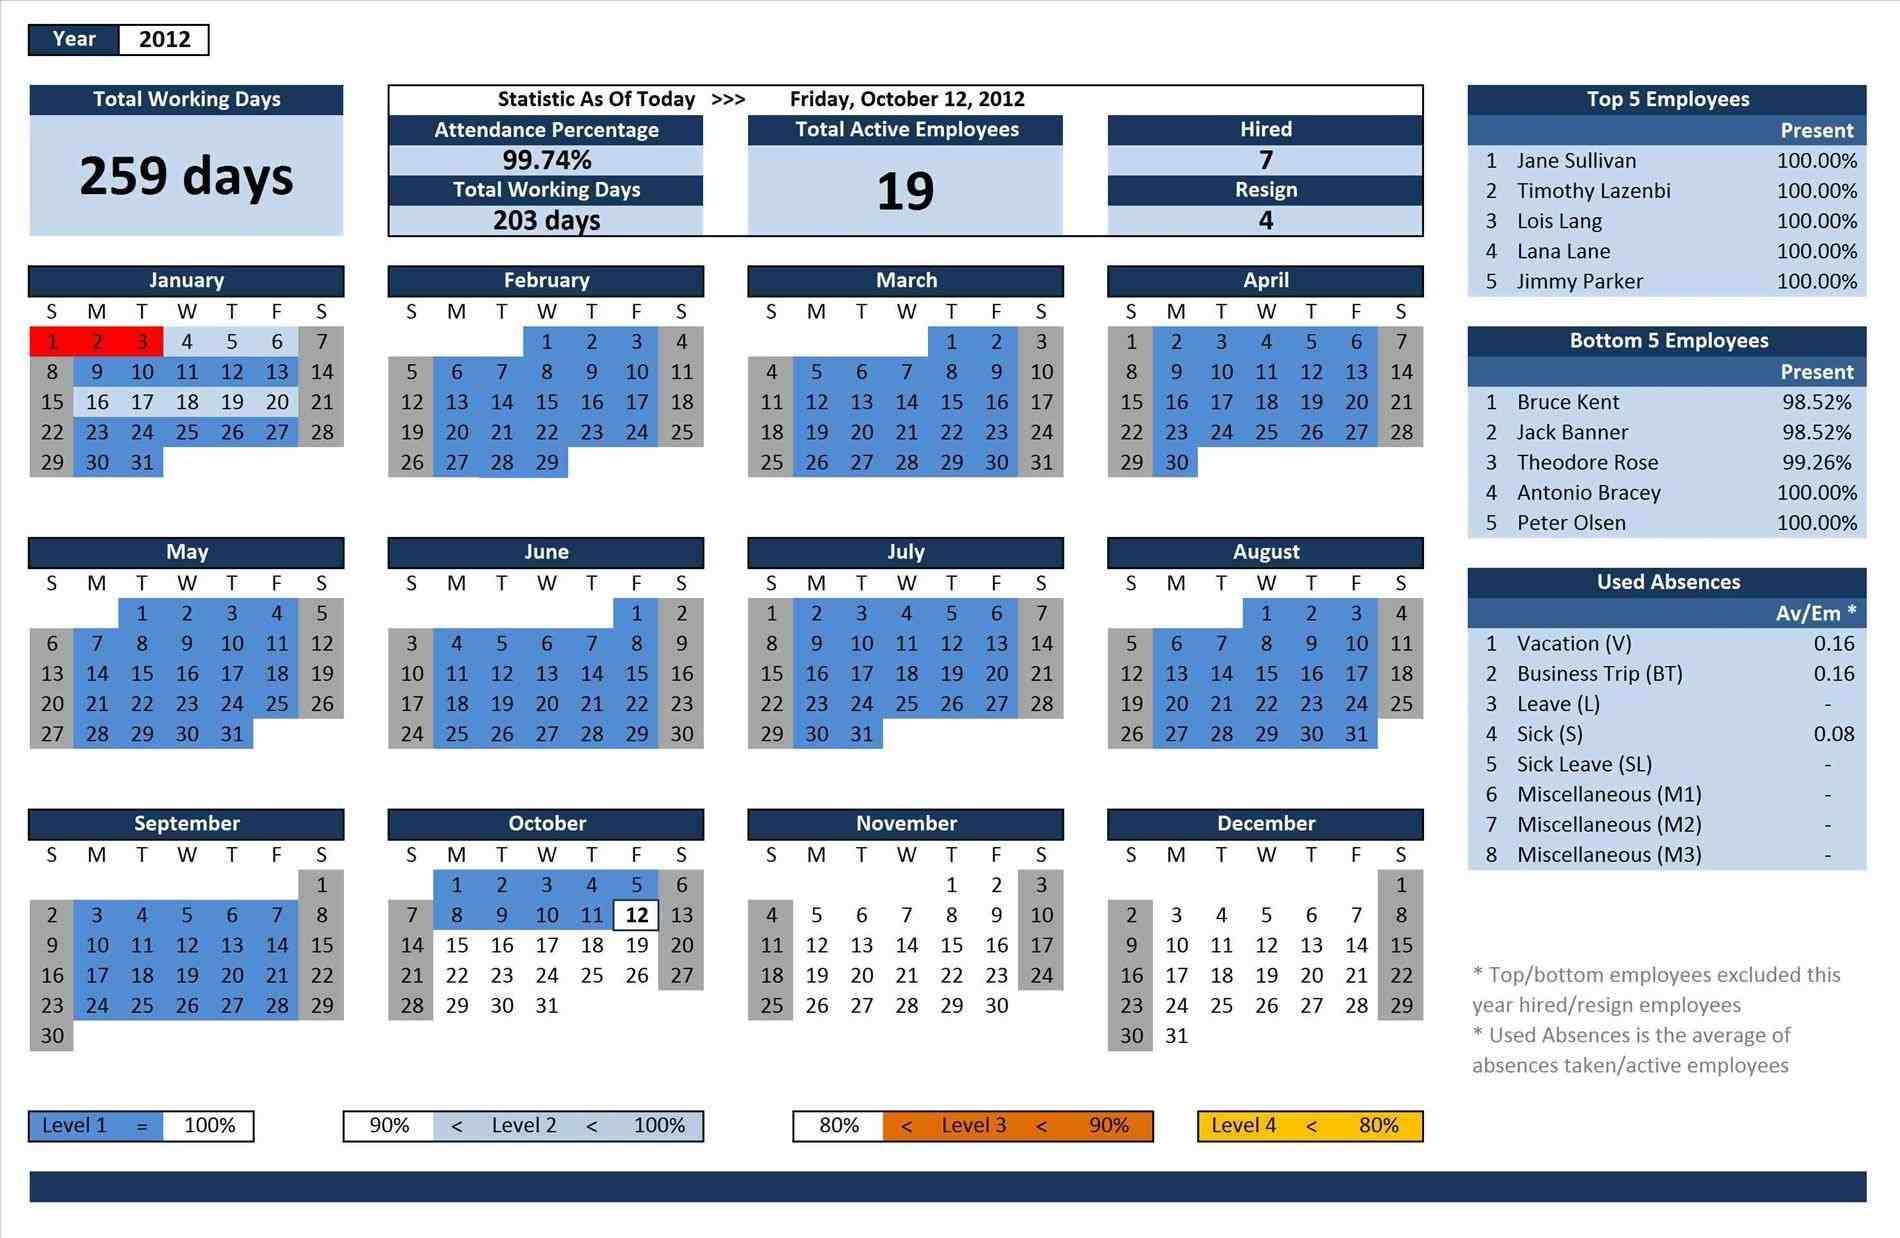 download and calendar rhmickelesca for exceltemplates rhexceltemplateus free Gantt Chart Template Excel 2007 gantt chart template for excel exceltemplates rhexceltemplateus and